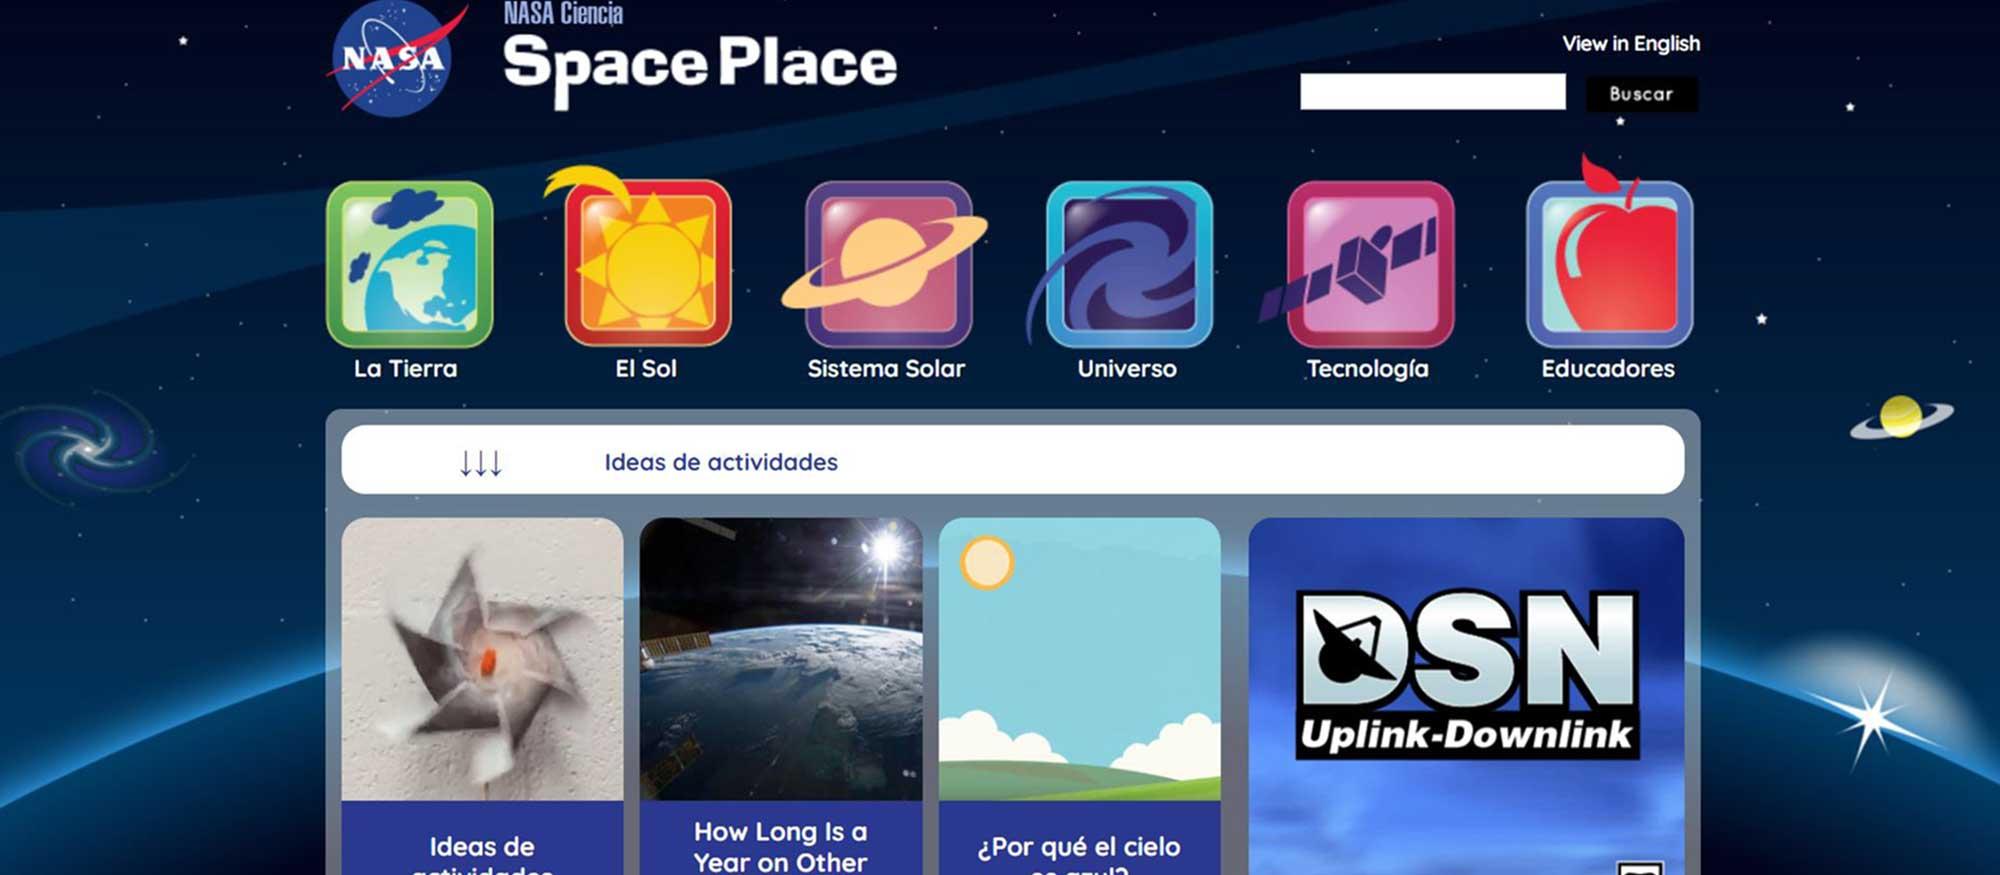 Pàgines web interessants per a petits i grans